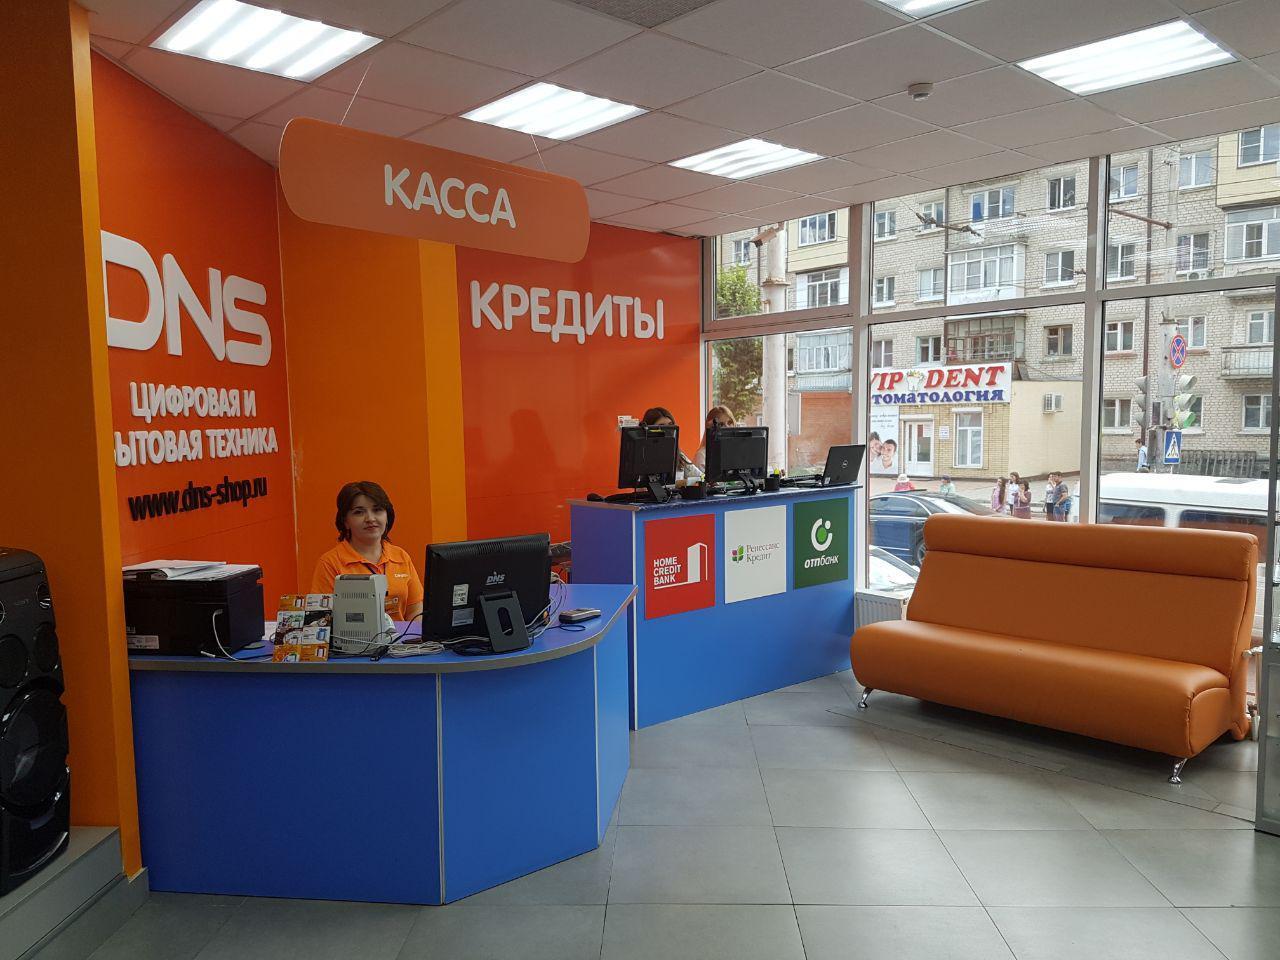 г черкесск кредит банк